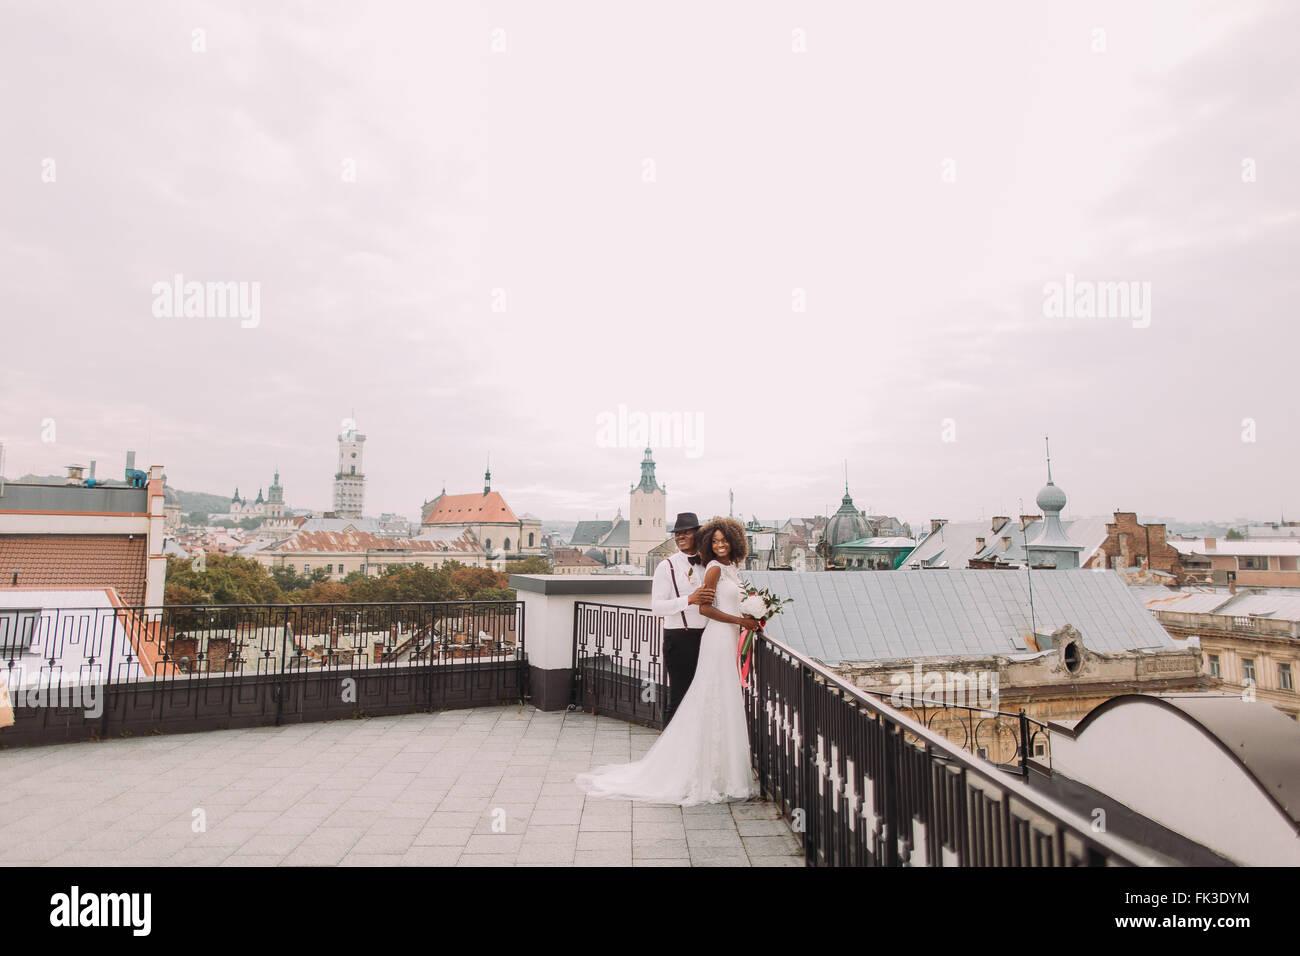 Afrikanische Hochzeitspaar auf dem Dach. Erstaunliche europäischen Lemberg Architektur auf Hintergrund Stockbild